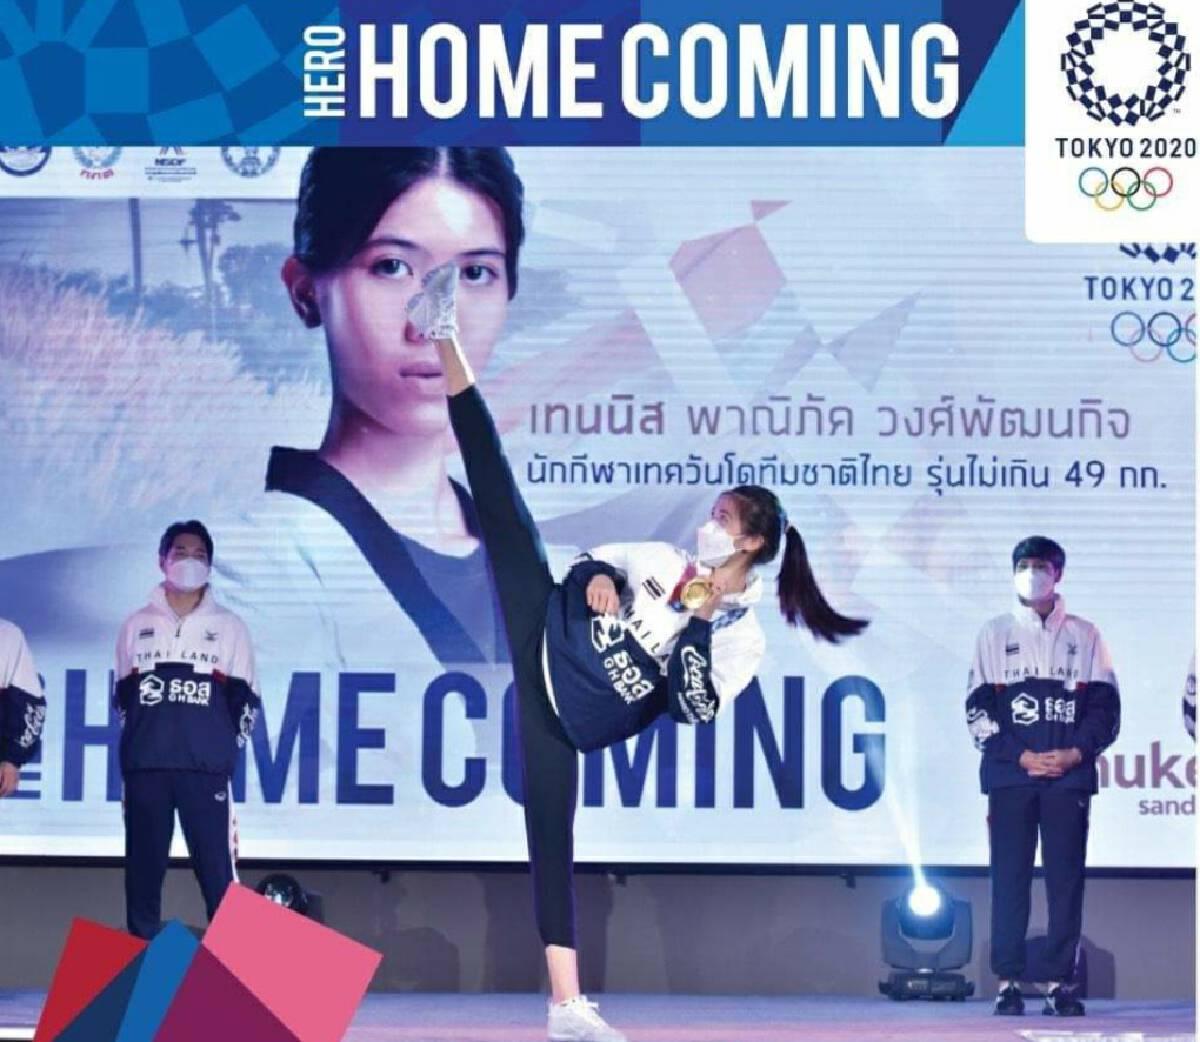 """ตั้ง """"เทนนิส-พาณิภัค วงศ์พัฒนกิจ"""" เป็น """"ทูตกีฬาและท่องเที่ยว""""คนแรกของไทย"""